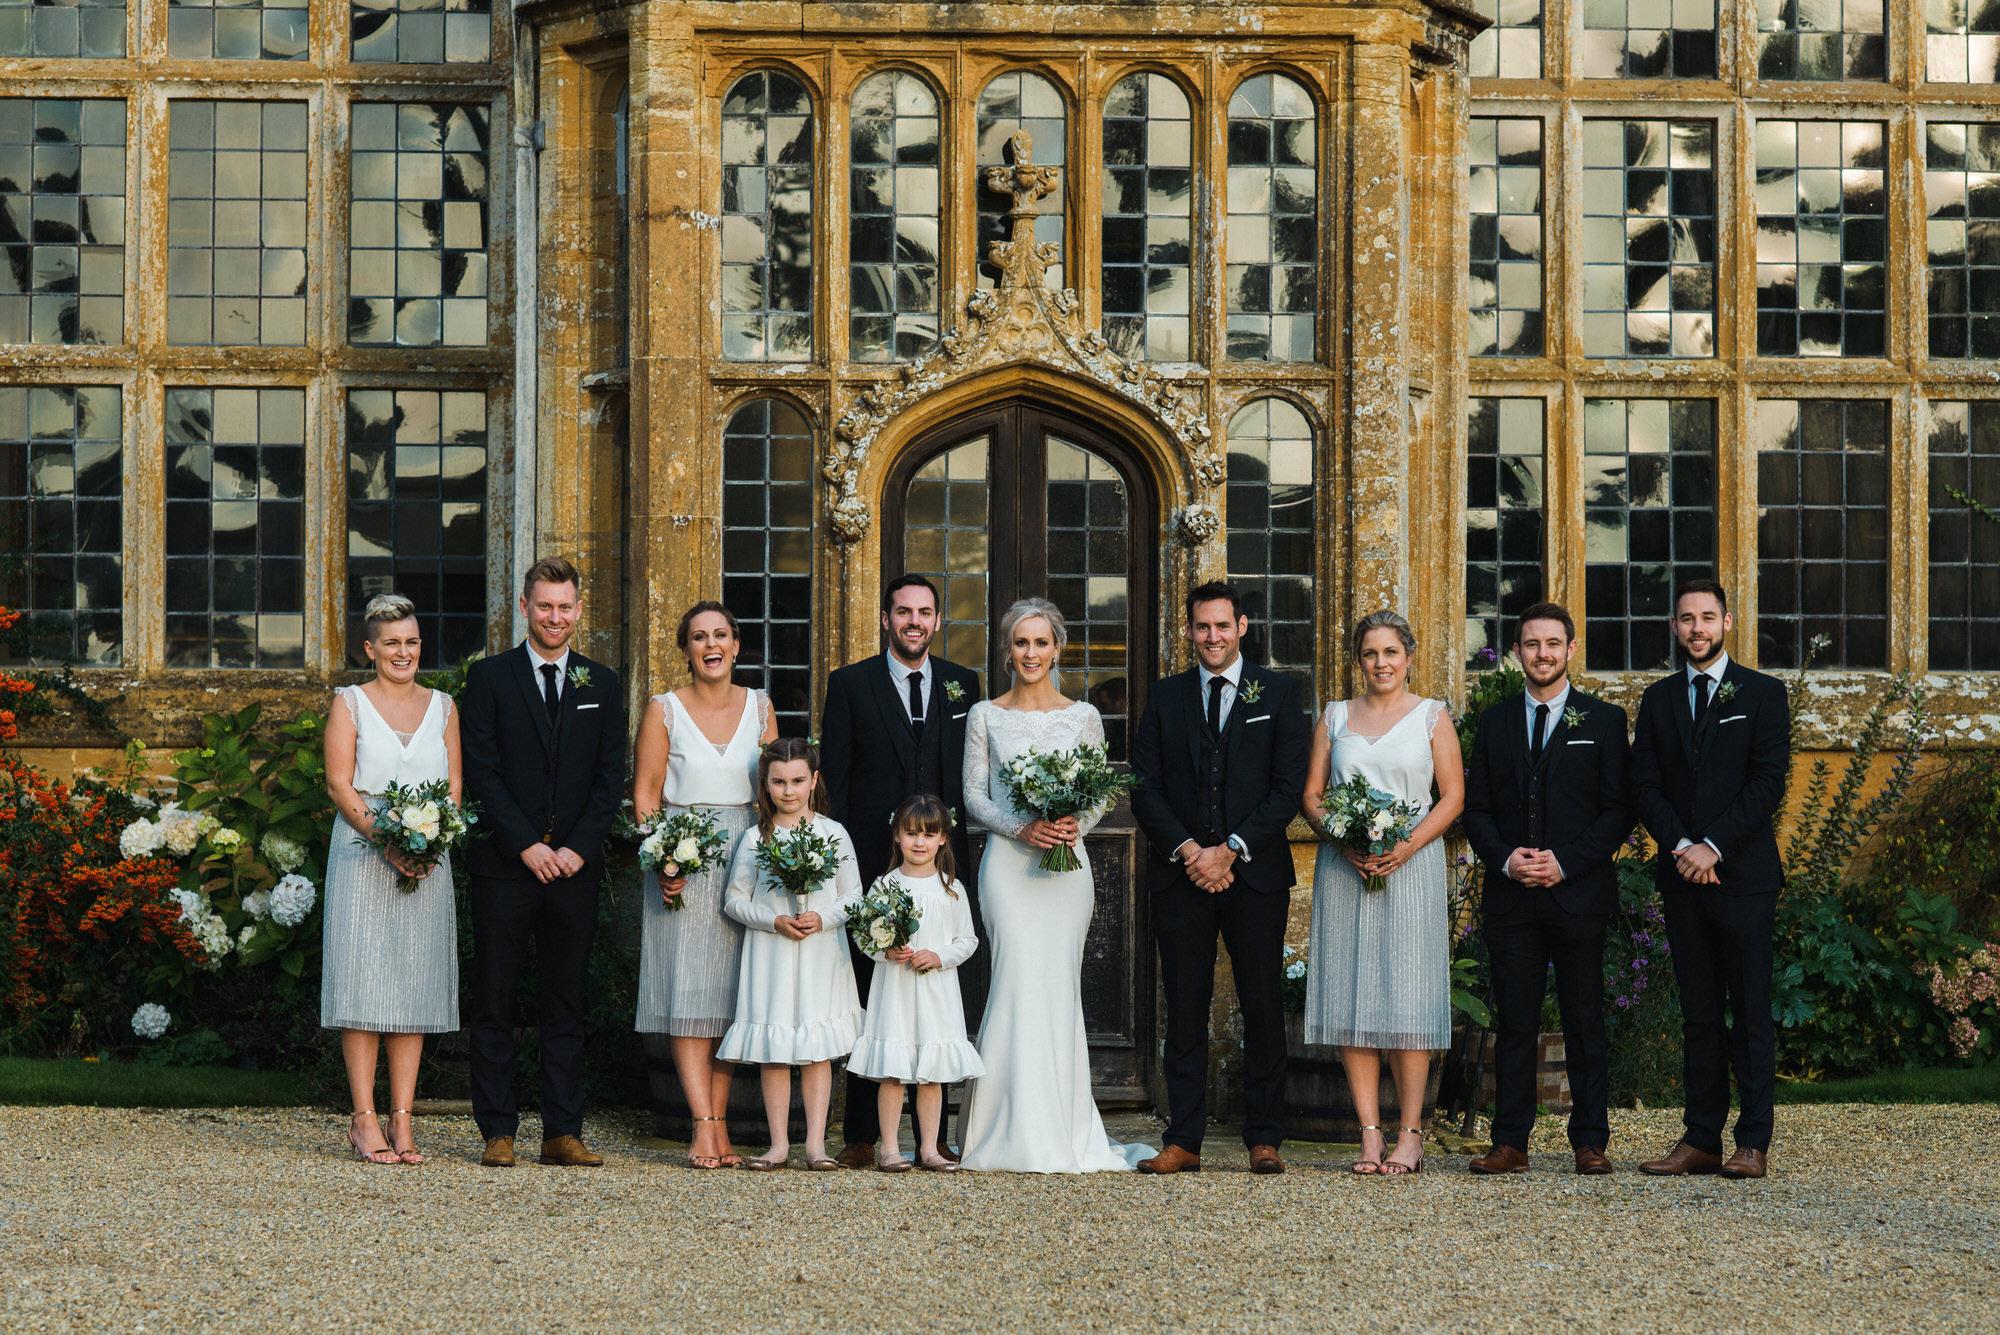 Brympton wedding group shot by simon biffen photography 26